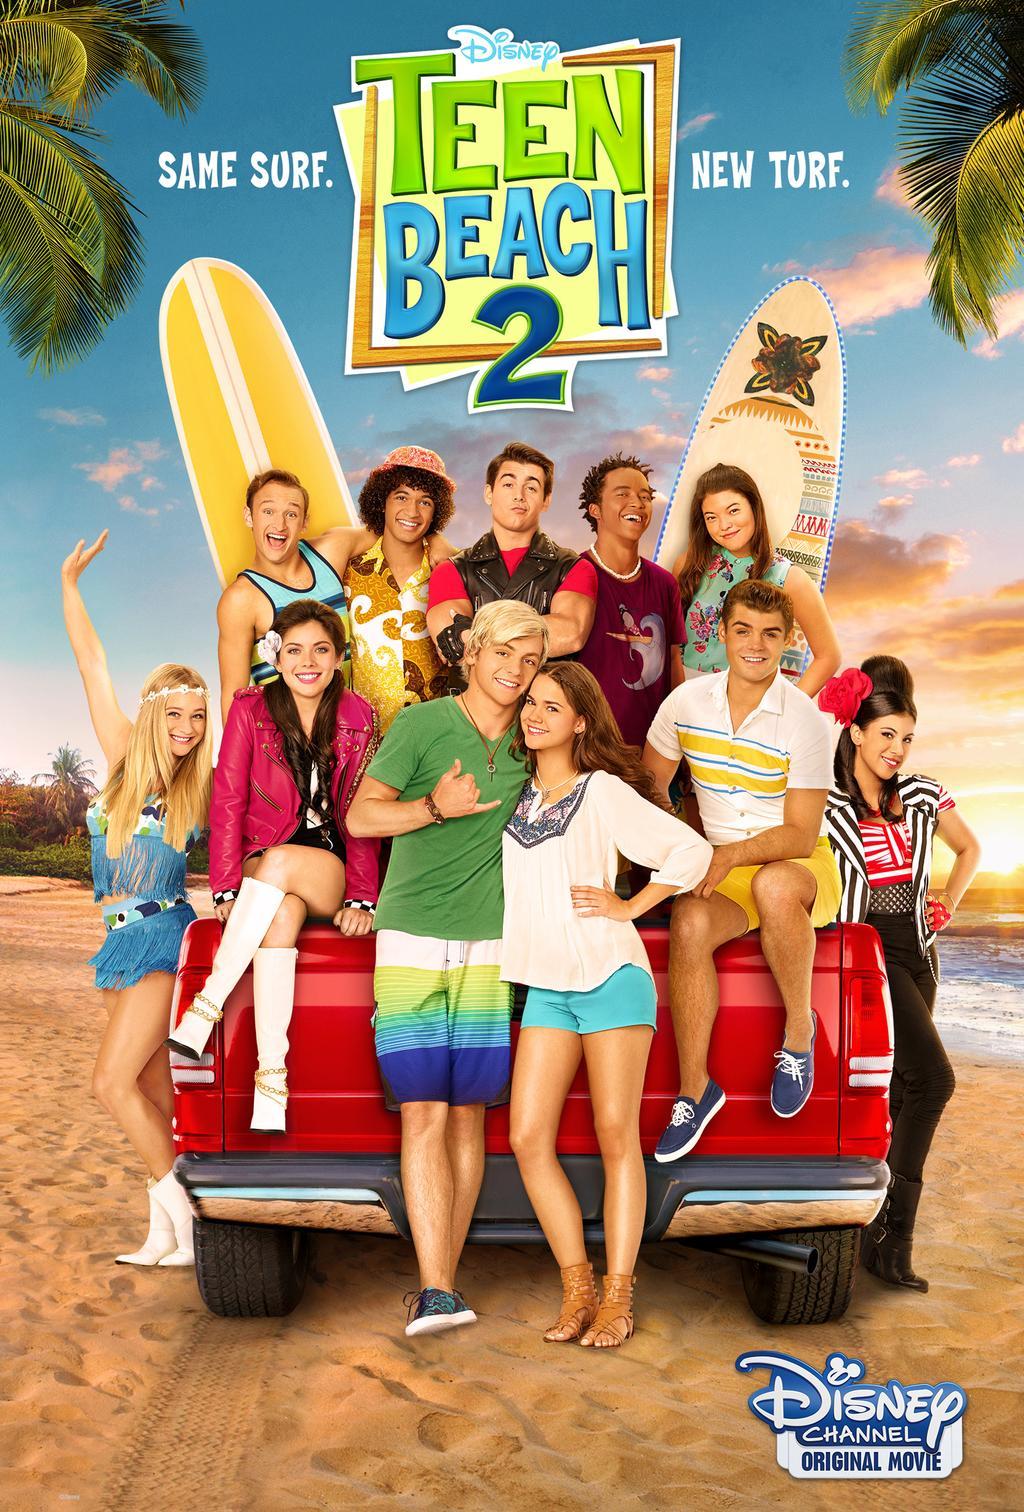 teen beach 2 | disney wiki | fandom powered by wikia